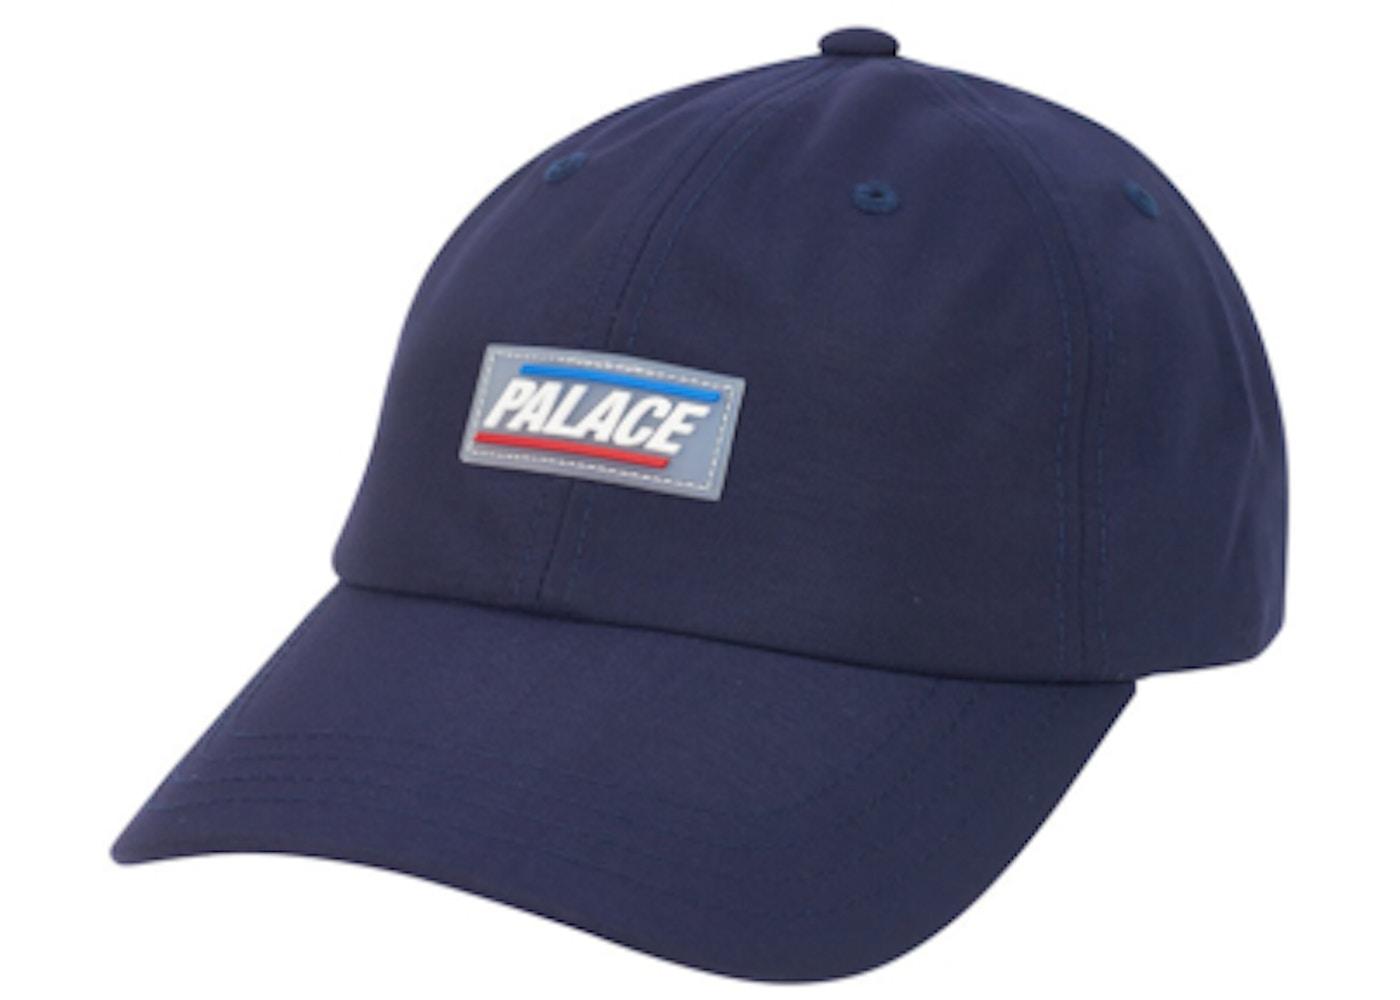 007128ef0 Palace Headwear - Buy   Sell Streetwear